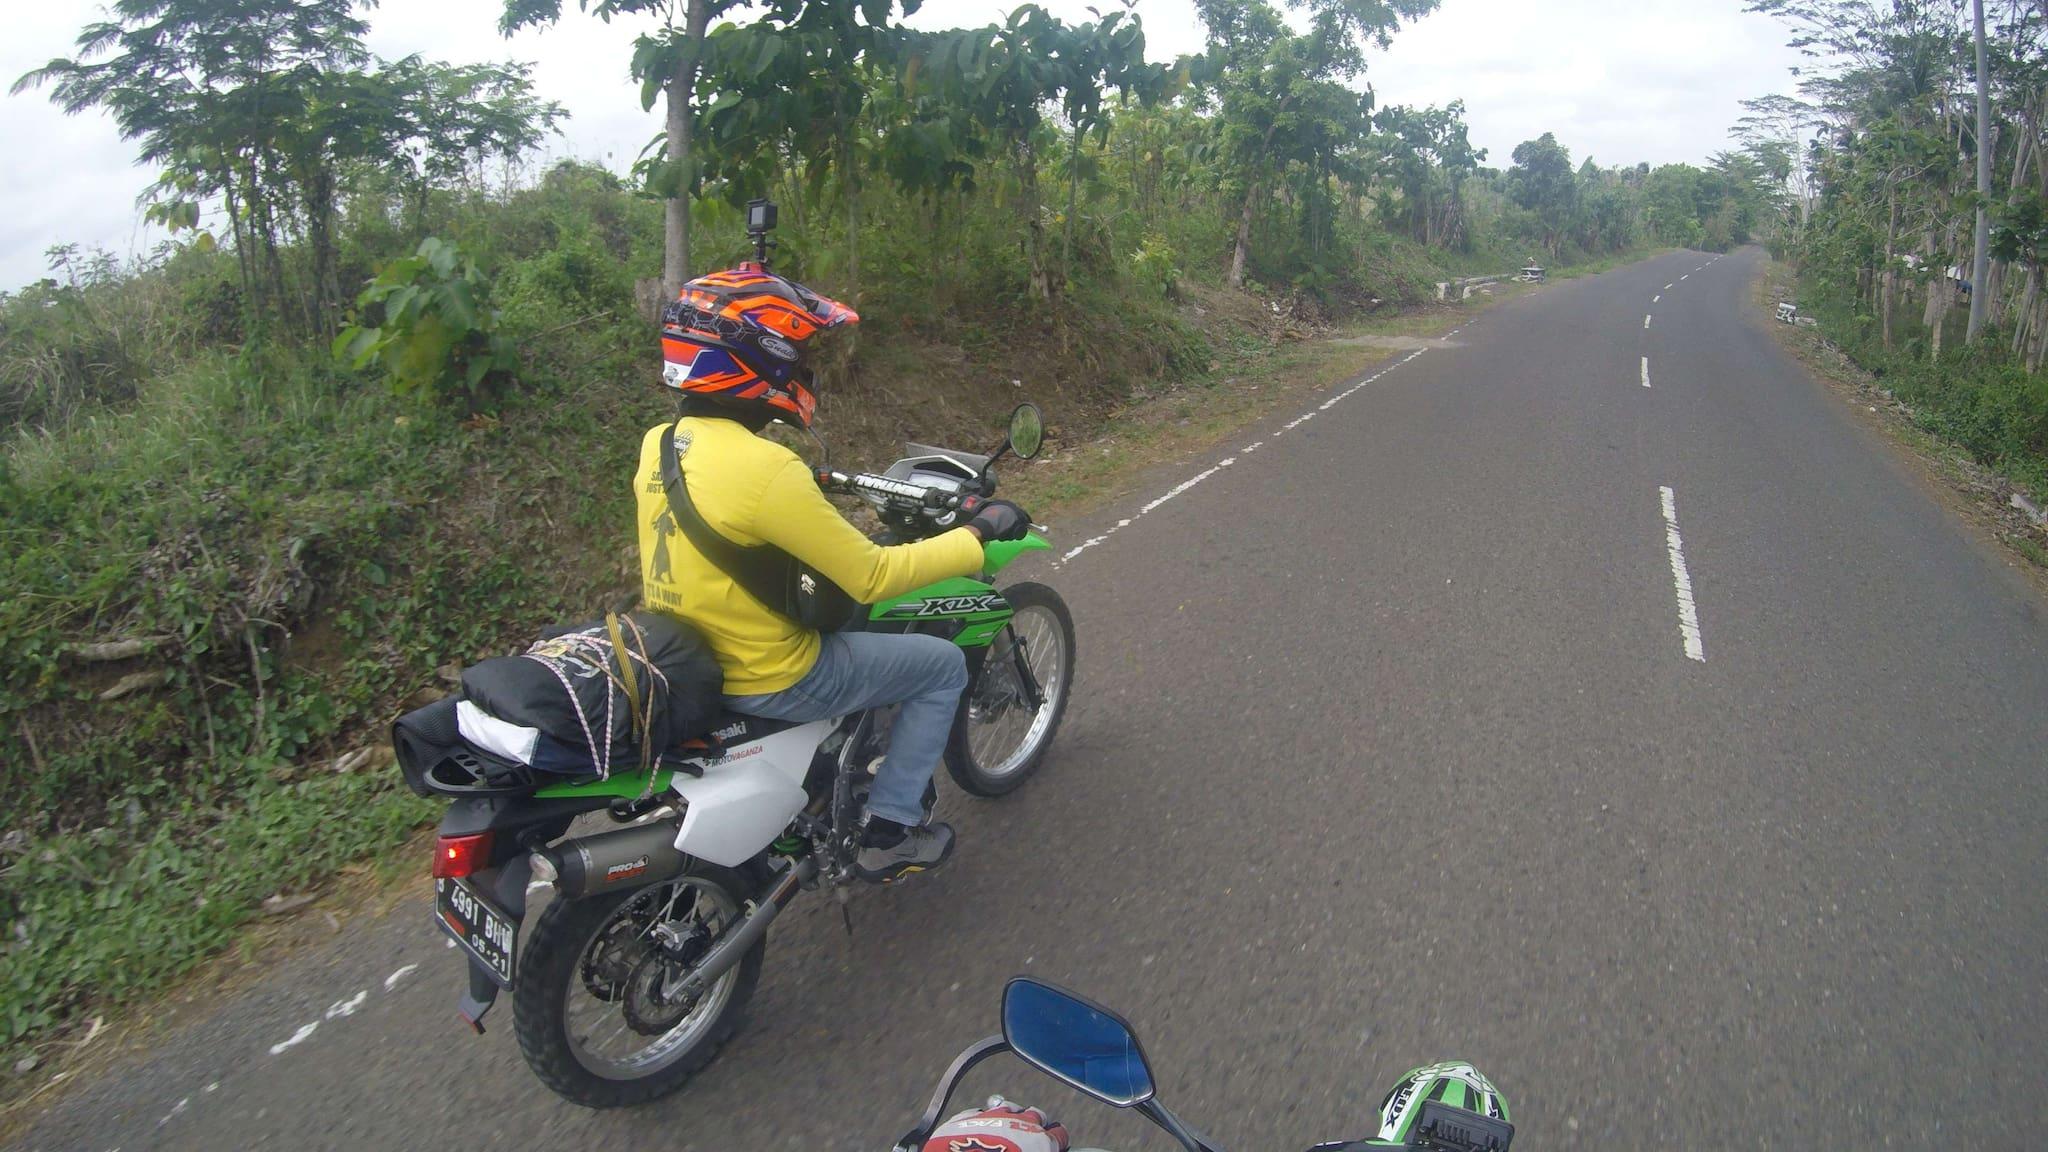 Perjalanan Motovaganza Menuju Horizons Unlimited Indonesia 2018 di Rancabuaya